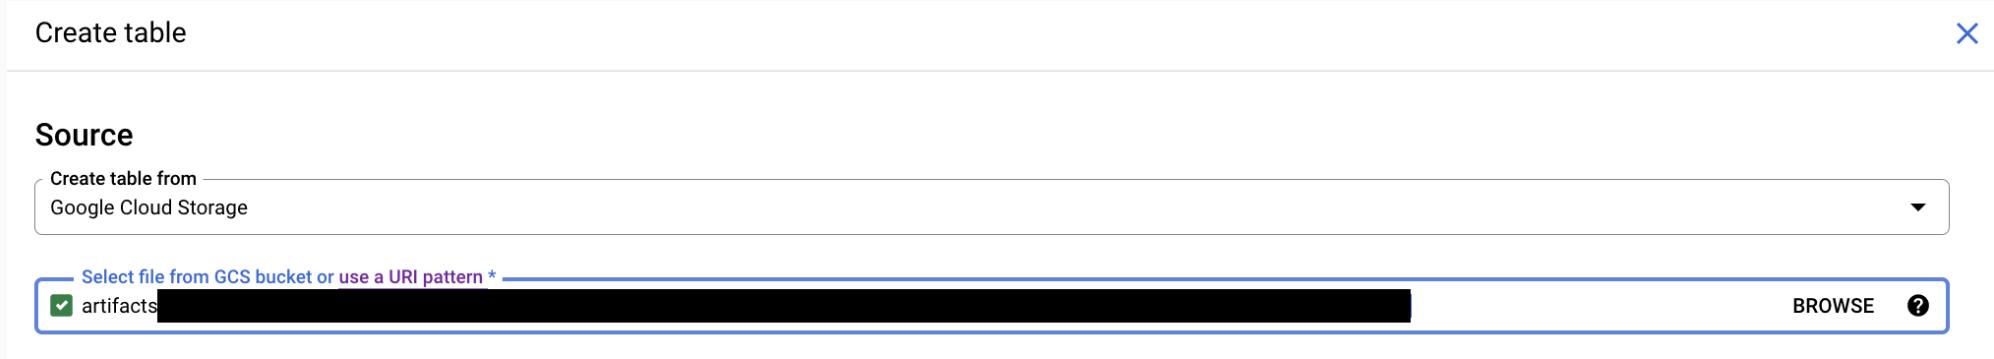 Sélectionner un fichier